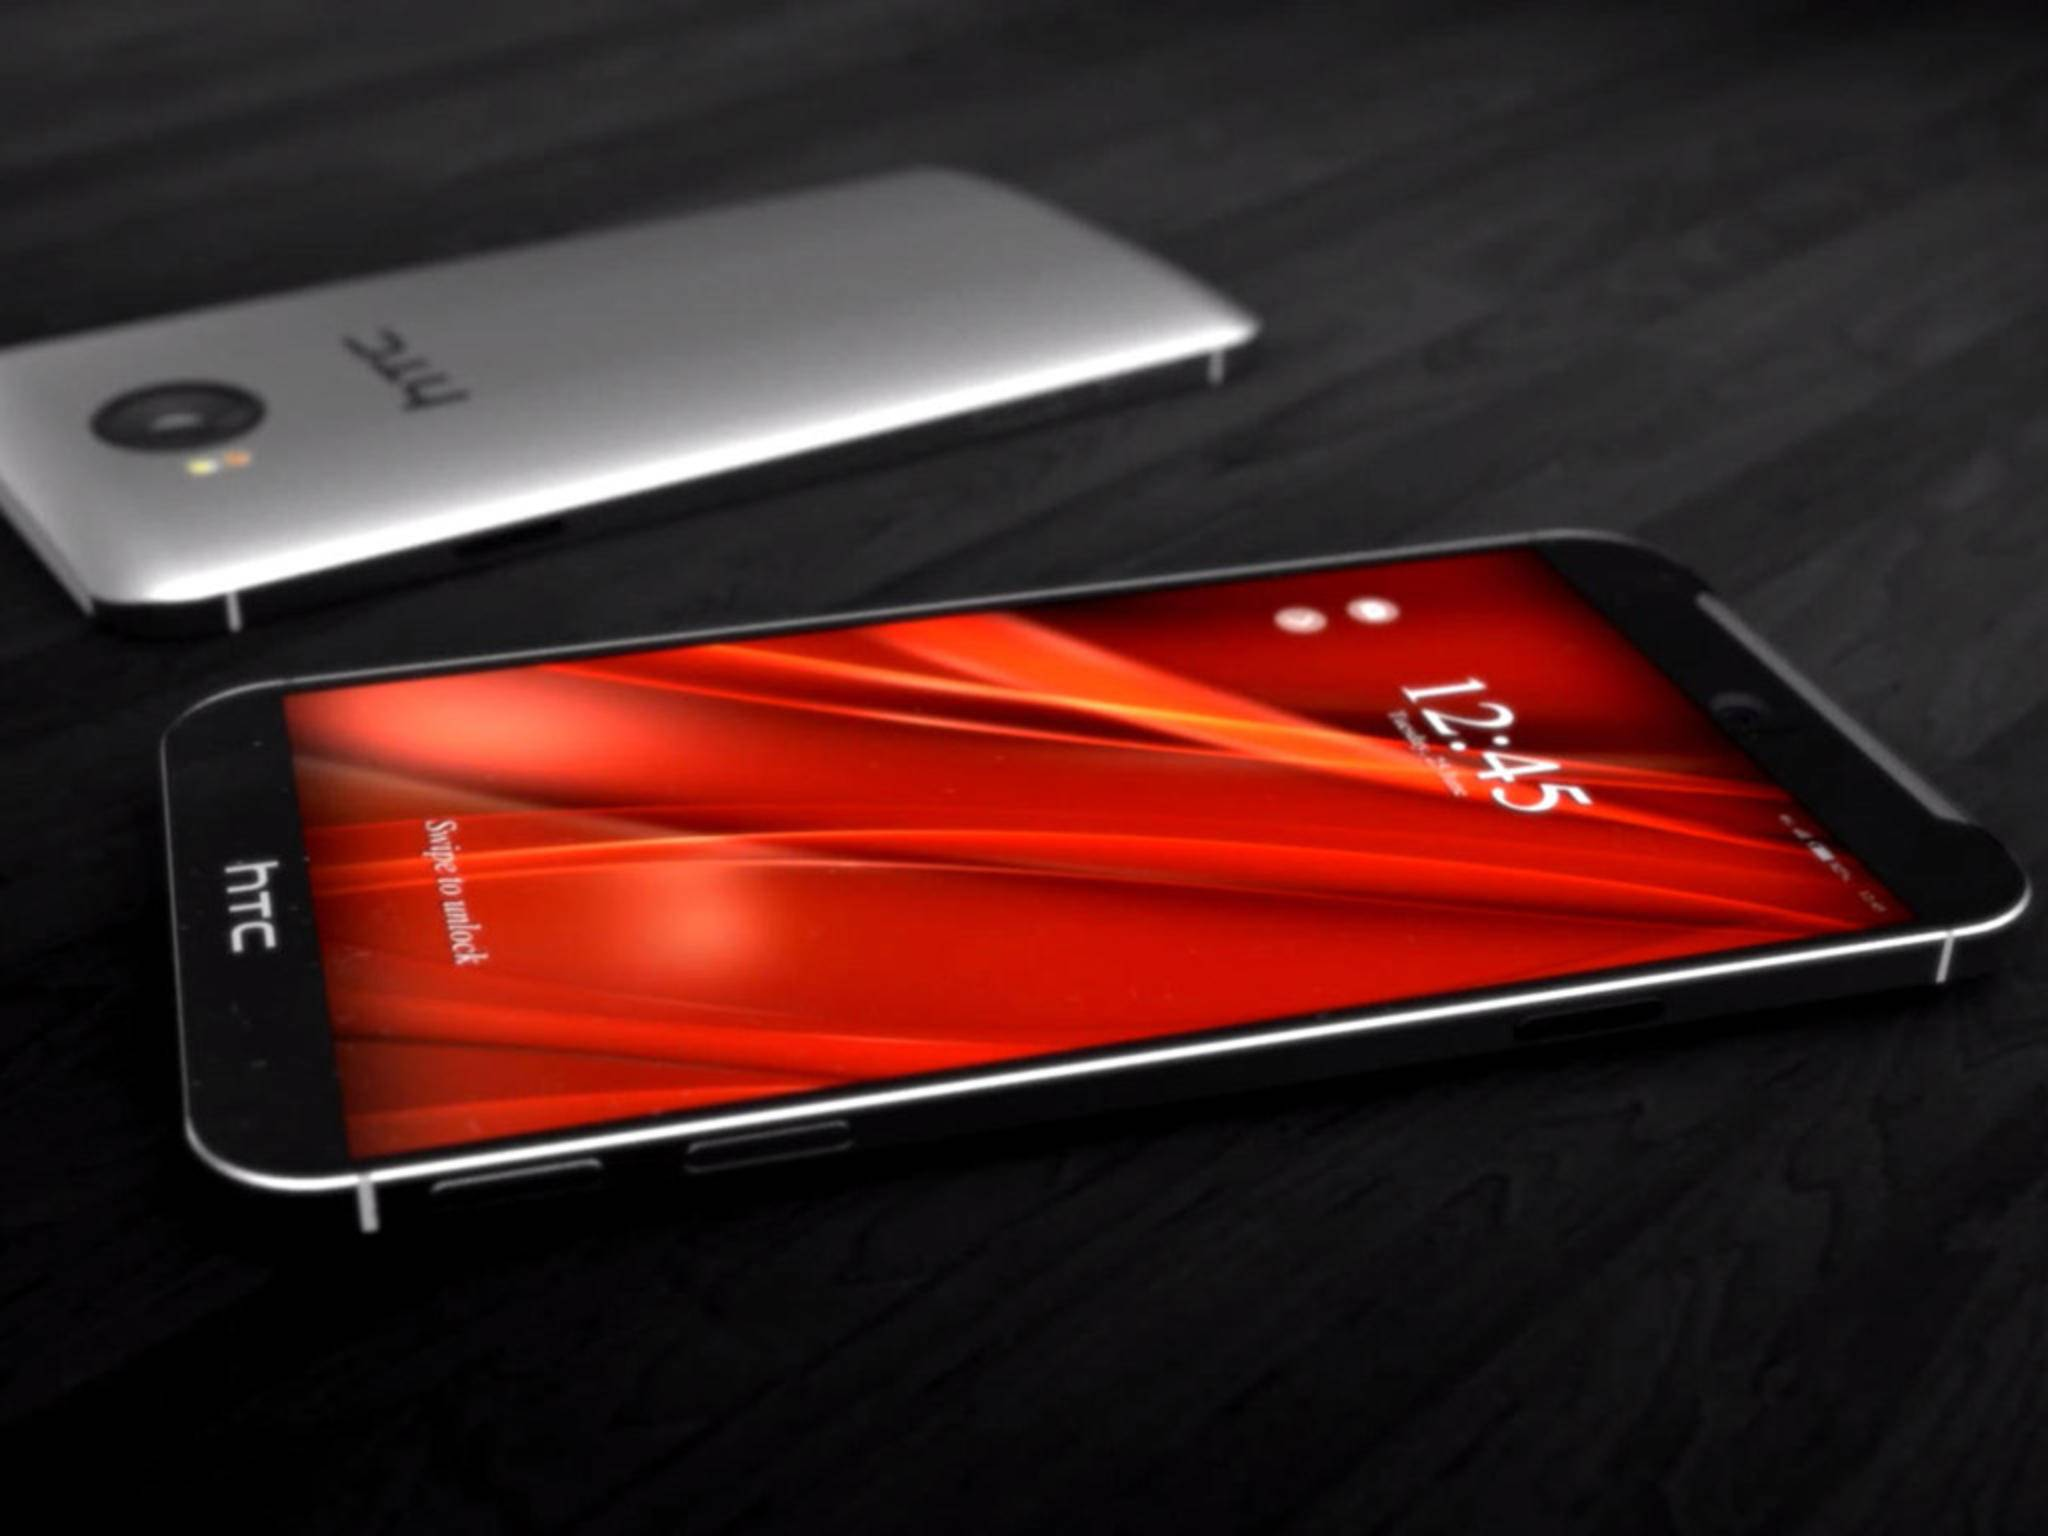 Das HTC One M10 soll unter einem anderen Namen auf den Markt kommen.